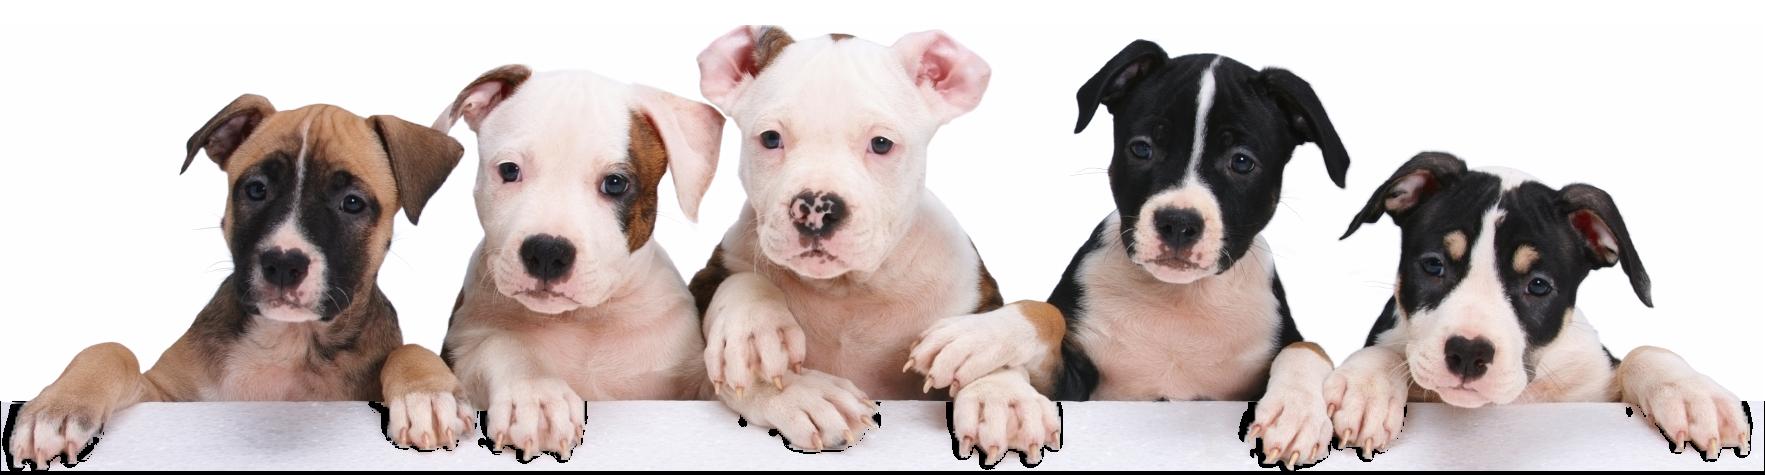 petland-puppy-hangover.png